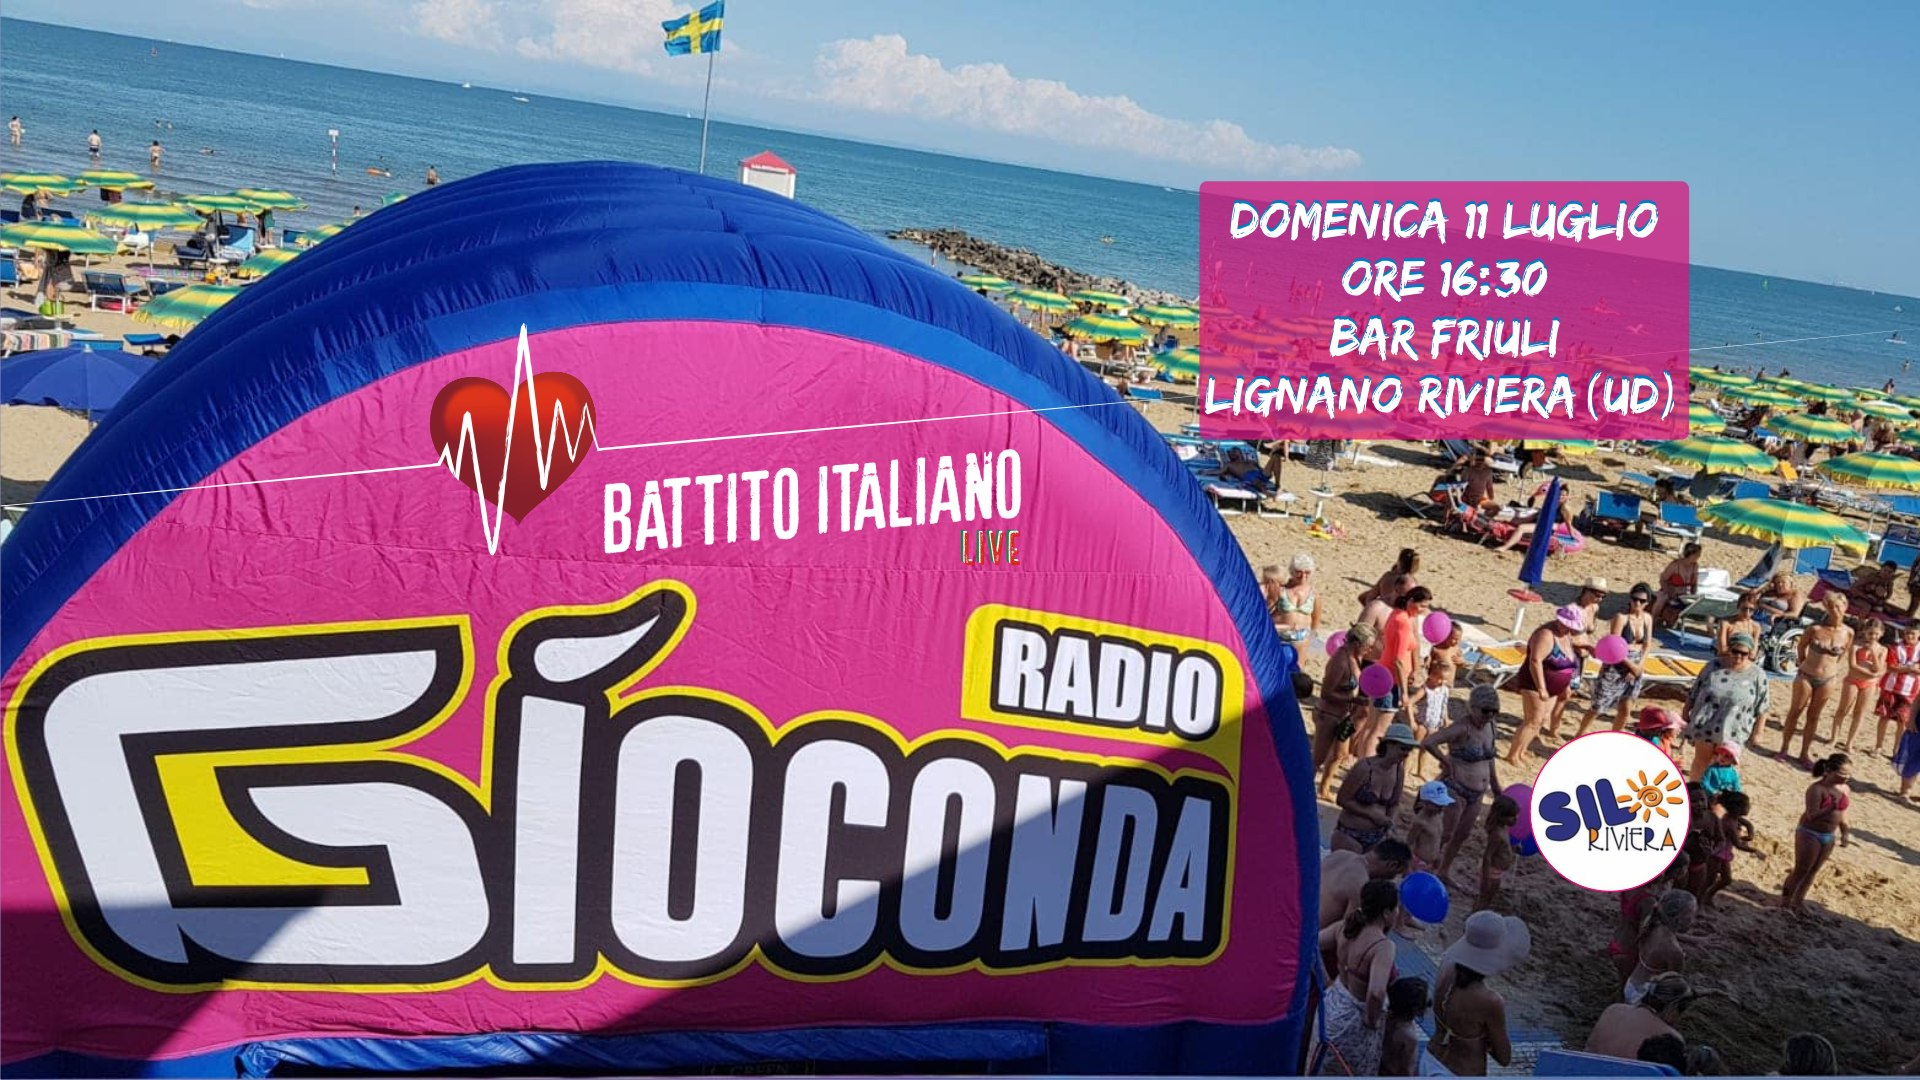 Battito Italiano Live dal Bar Friuli di Lignano Riviera (UD) 2021